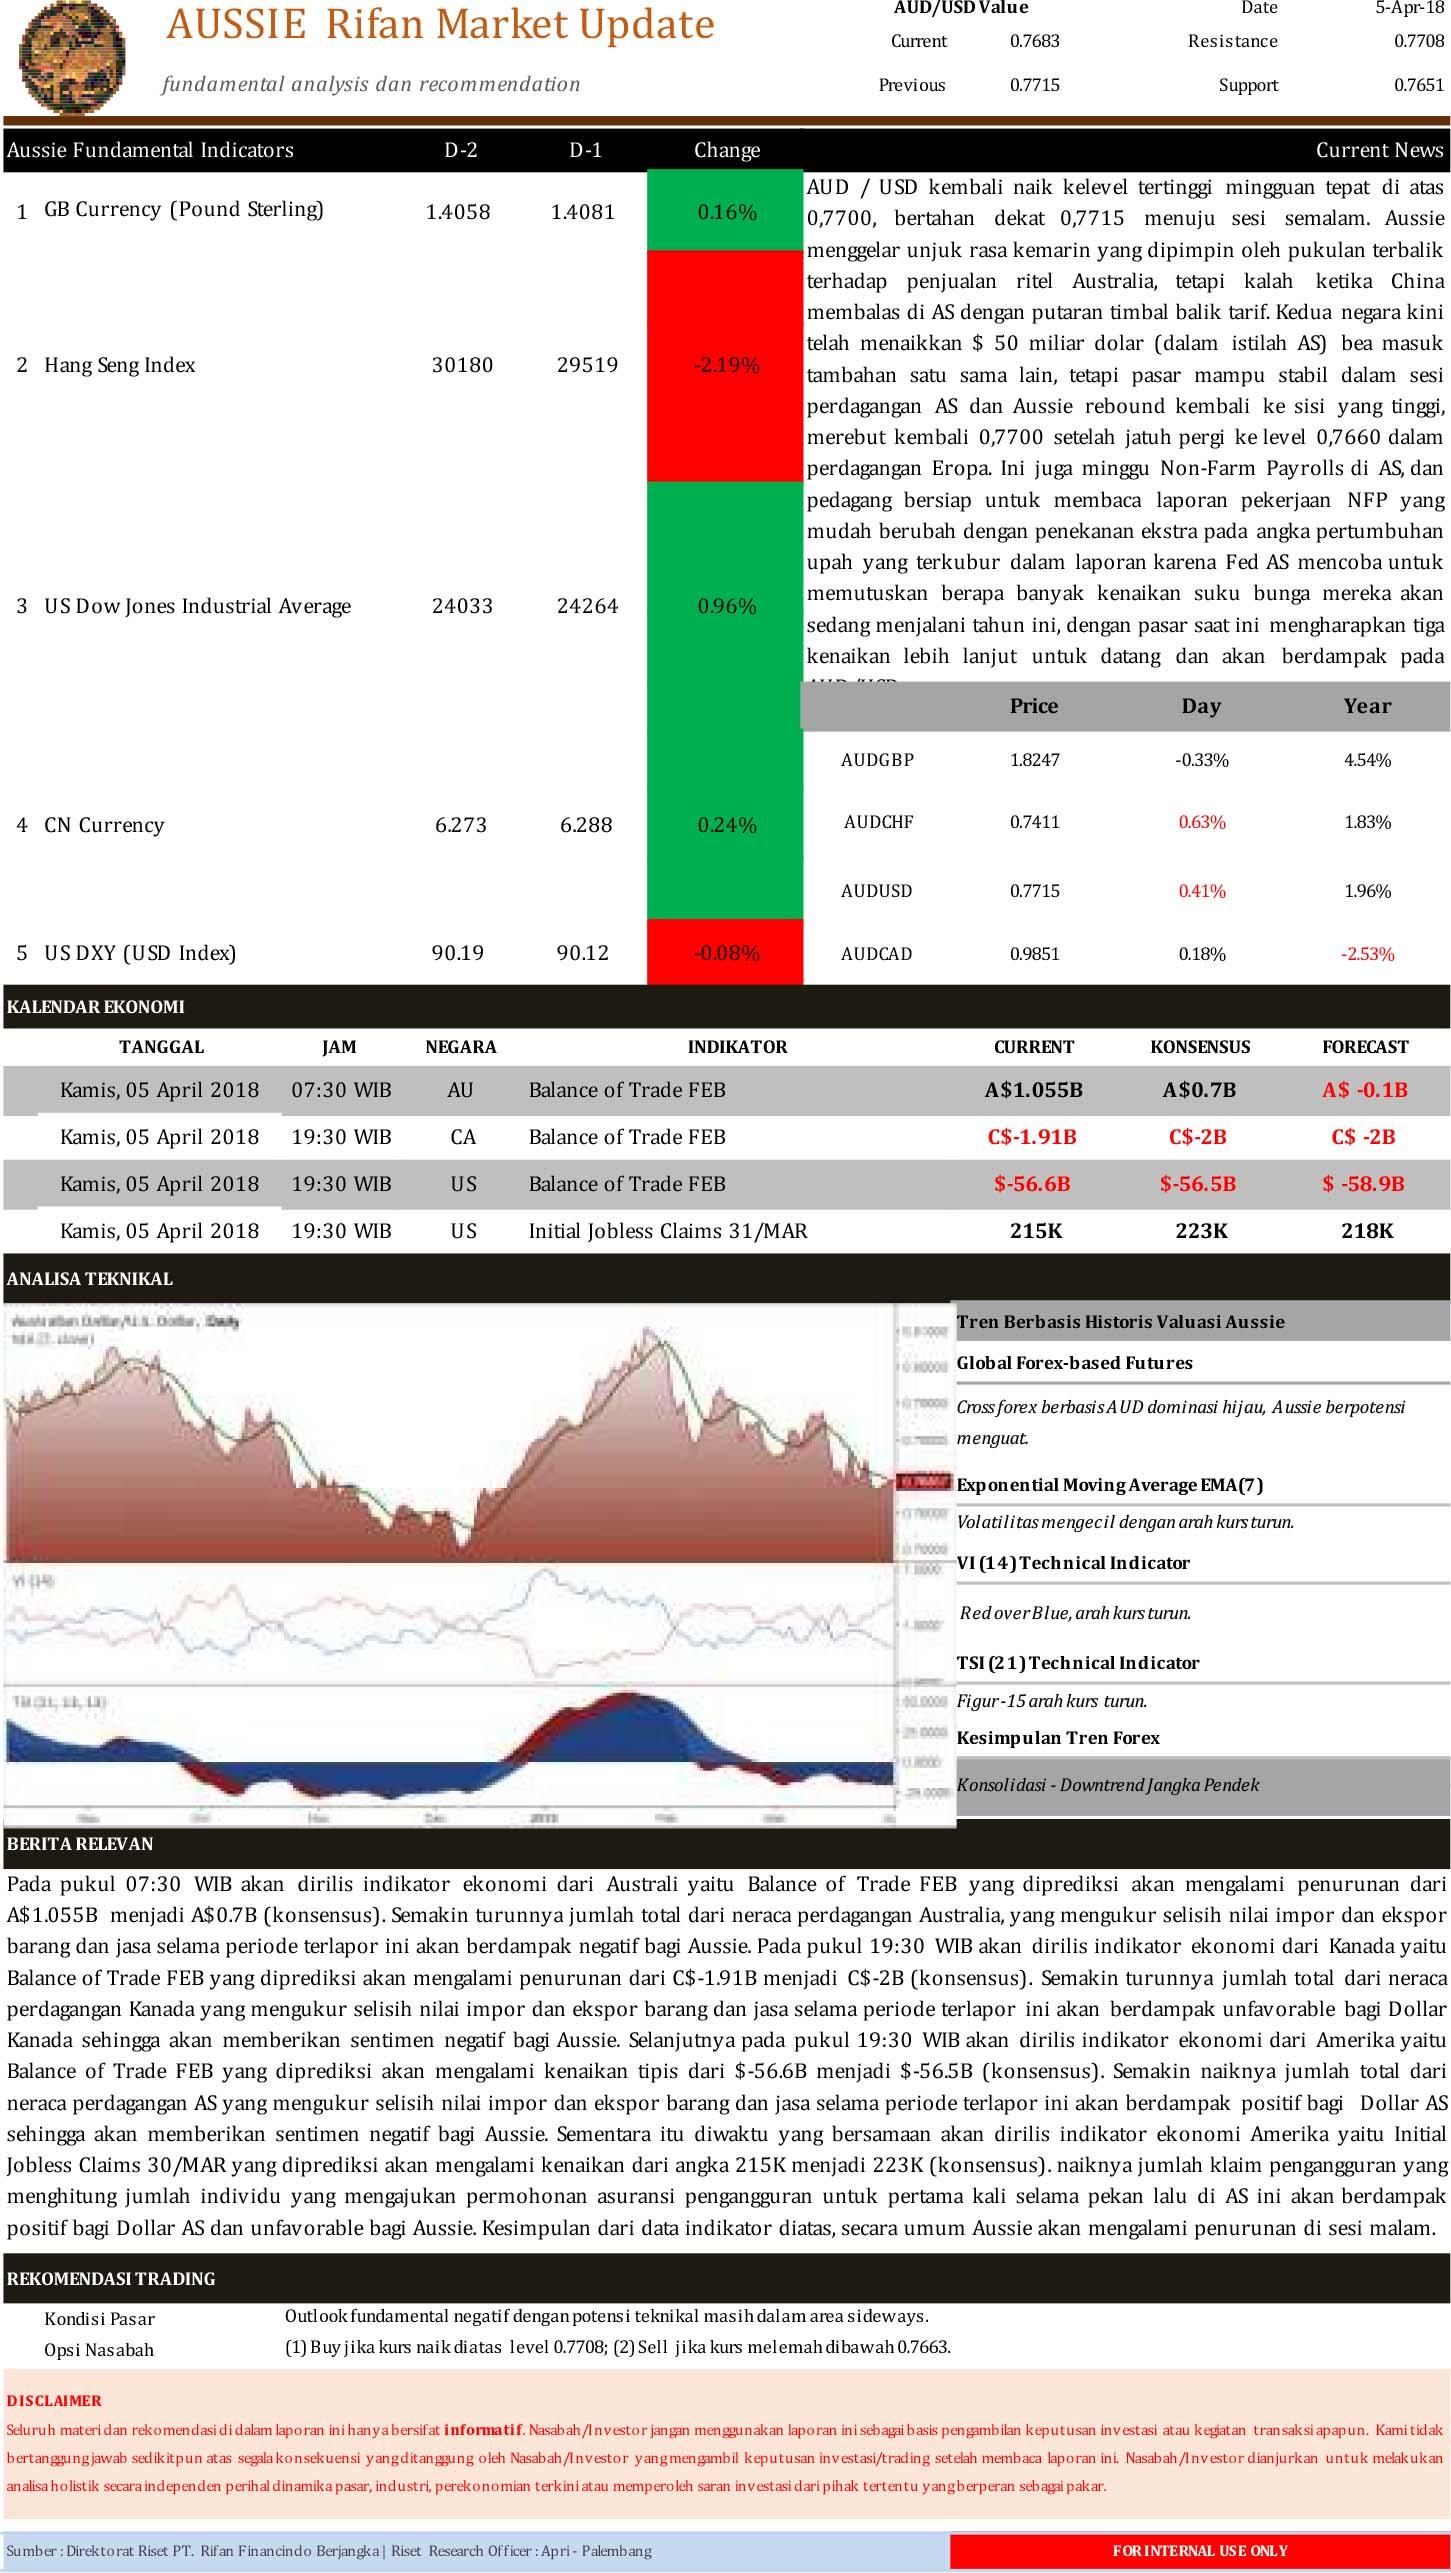 Nqo stock options dubai